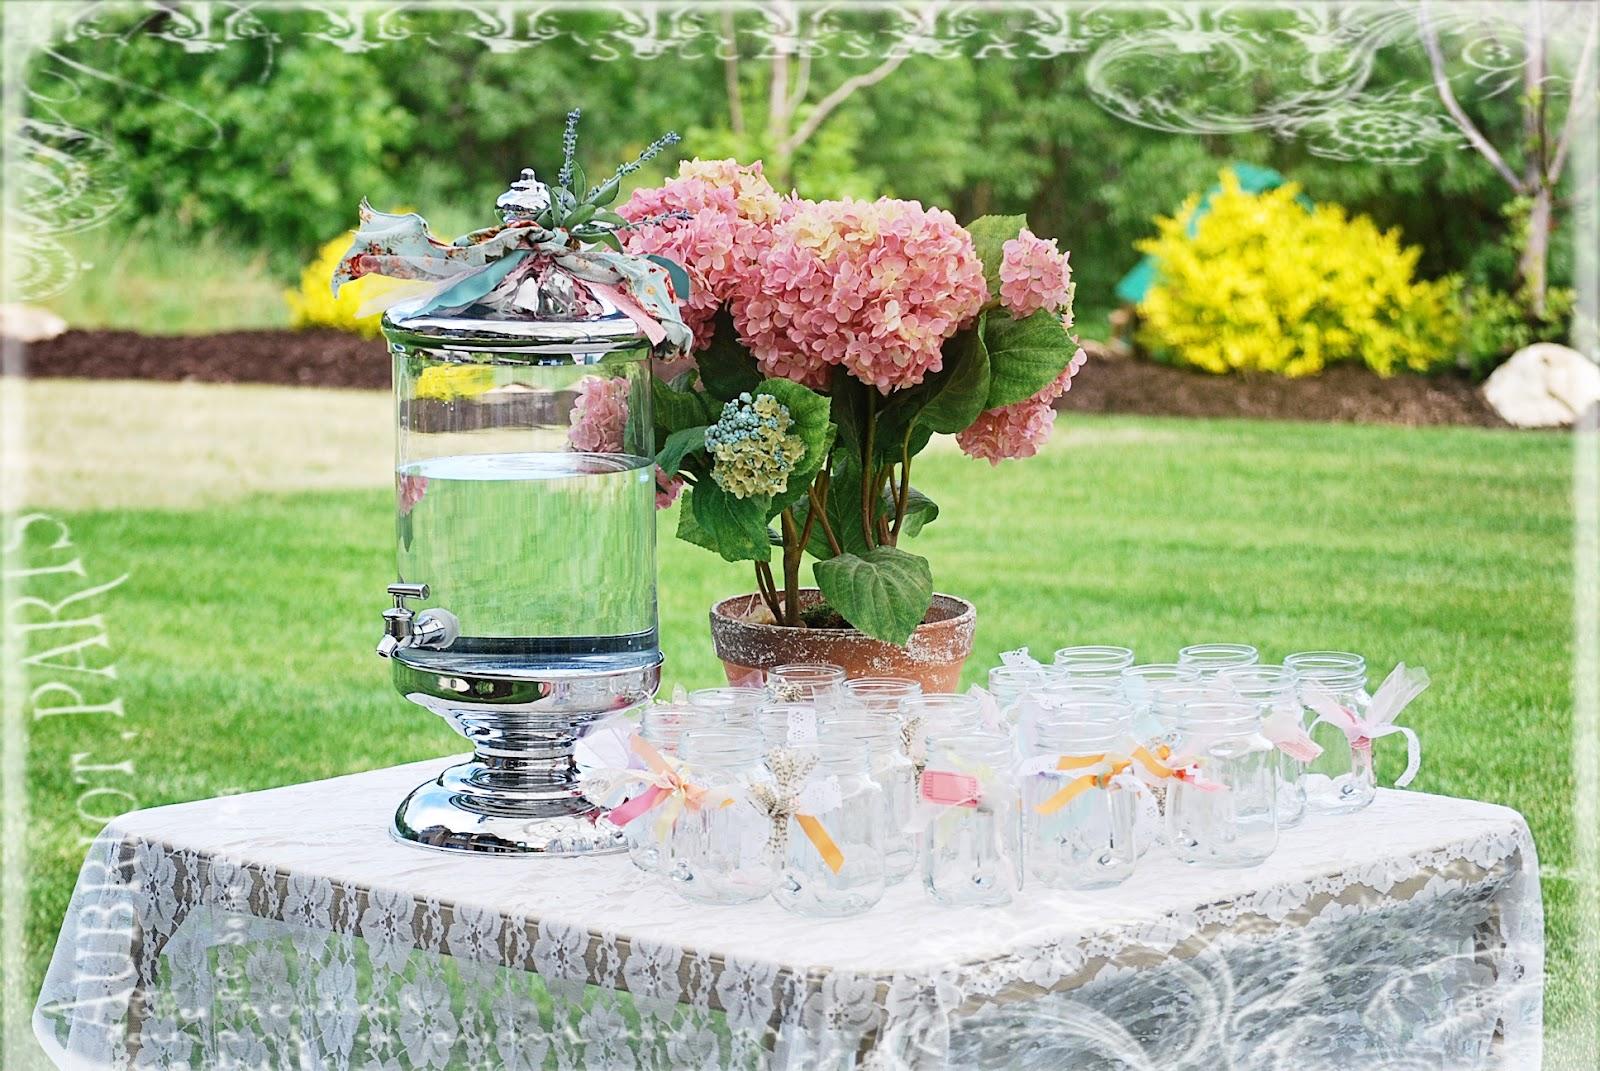 Garden Tea Party Table